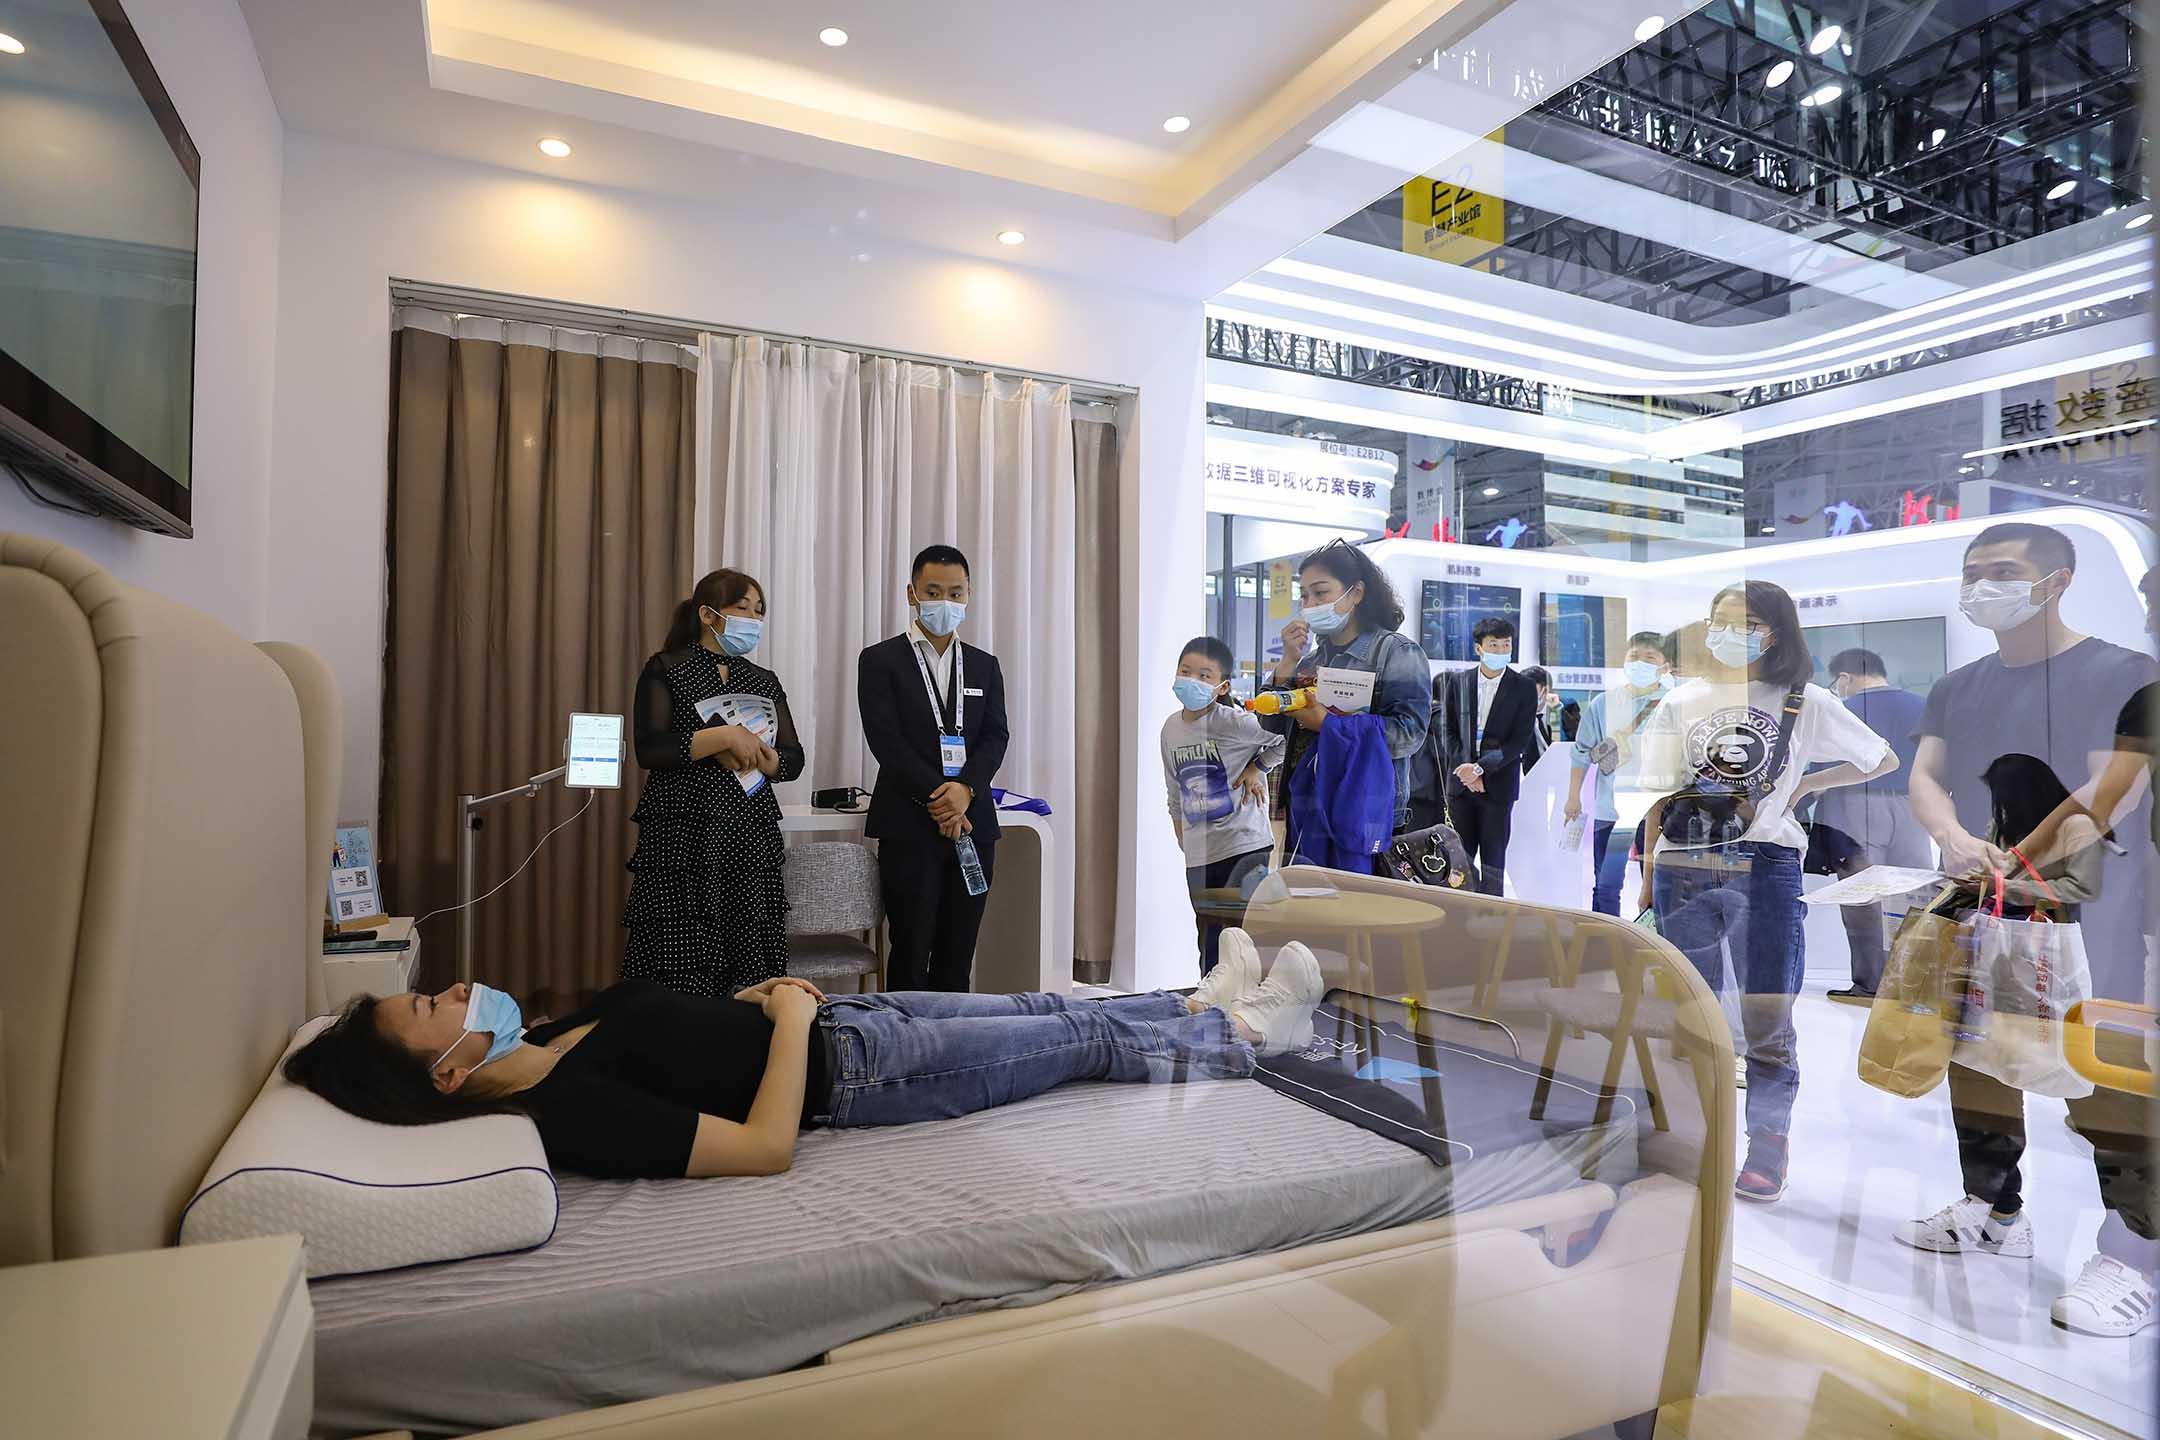 2021年5月27日中國貴陽,中國國際大數據產業博覽會期間,一名市民躺在床上。 攝:Qu Honglun/China News Service via Getty Images